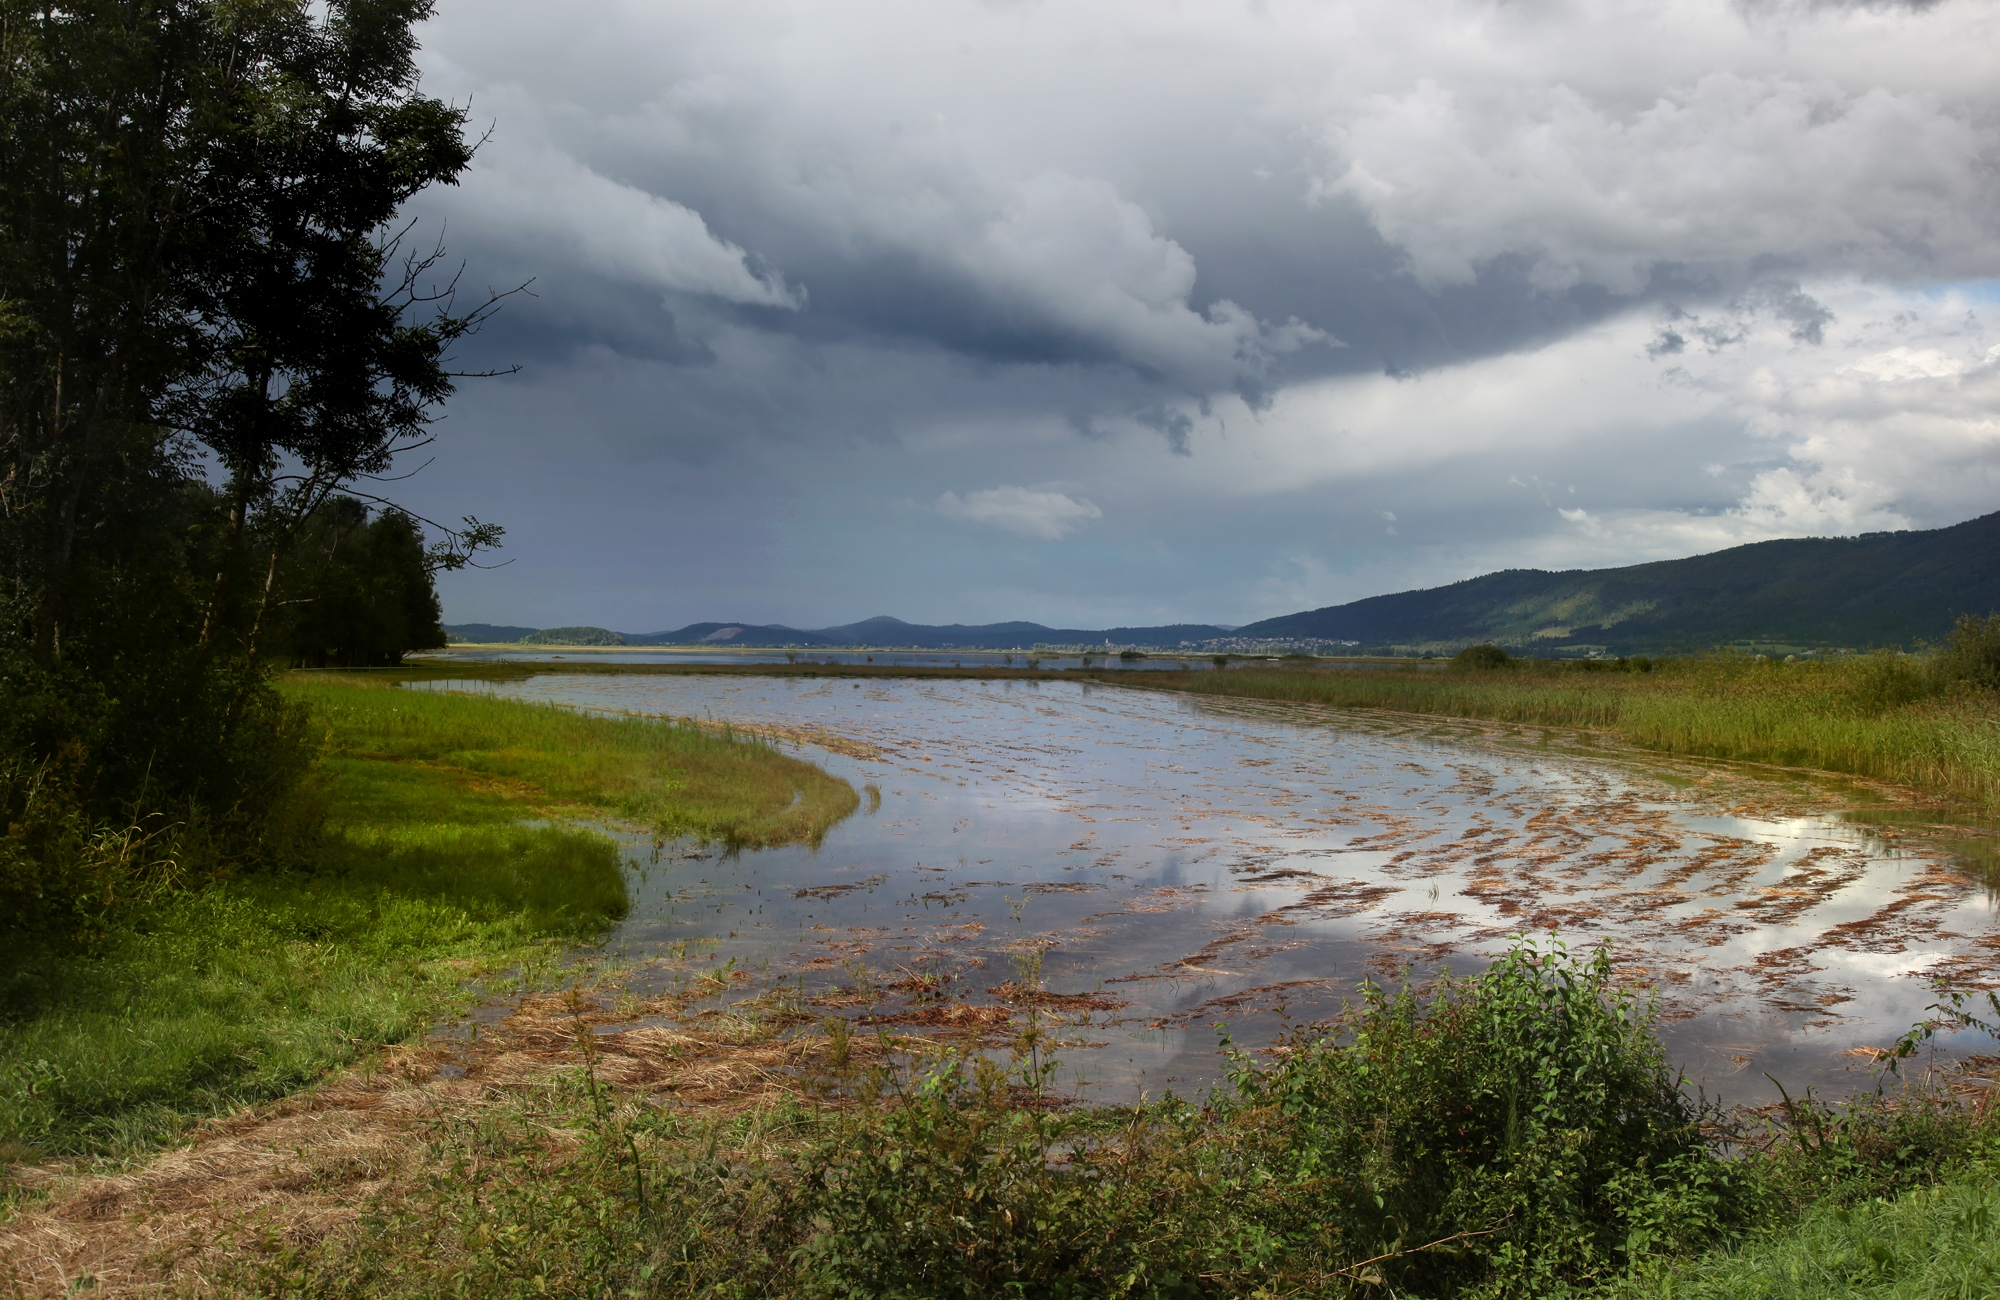 Kjer se je še pred nekaj dnevi kosilo, je zdaj jezero ... Foto Tine Schein